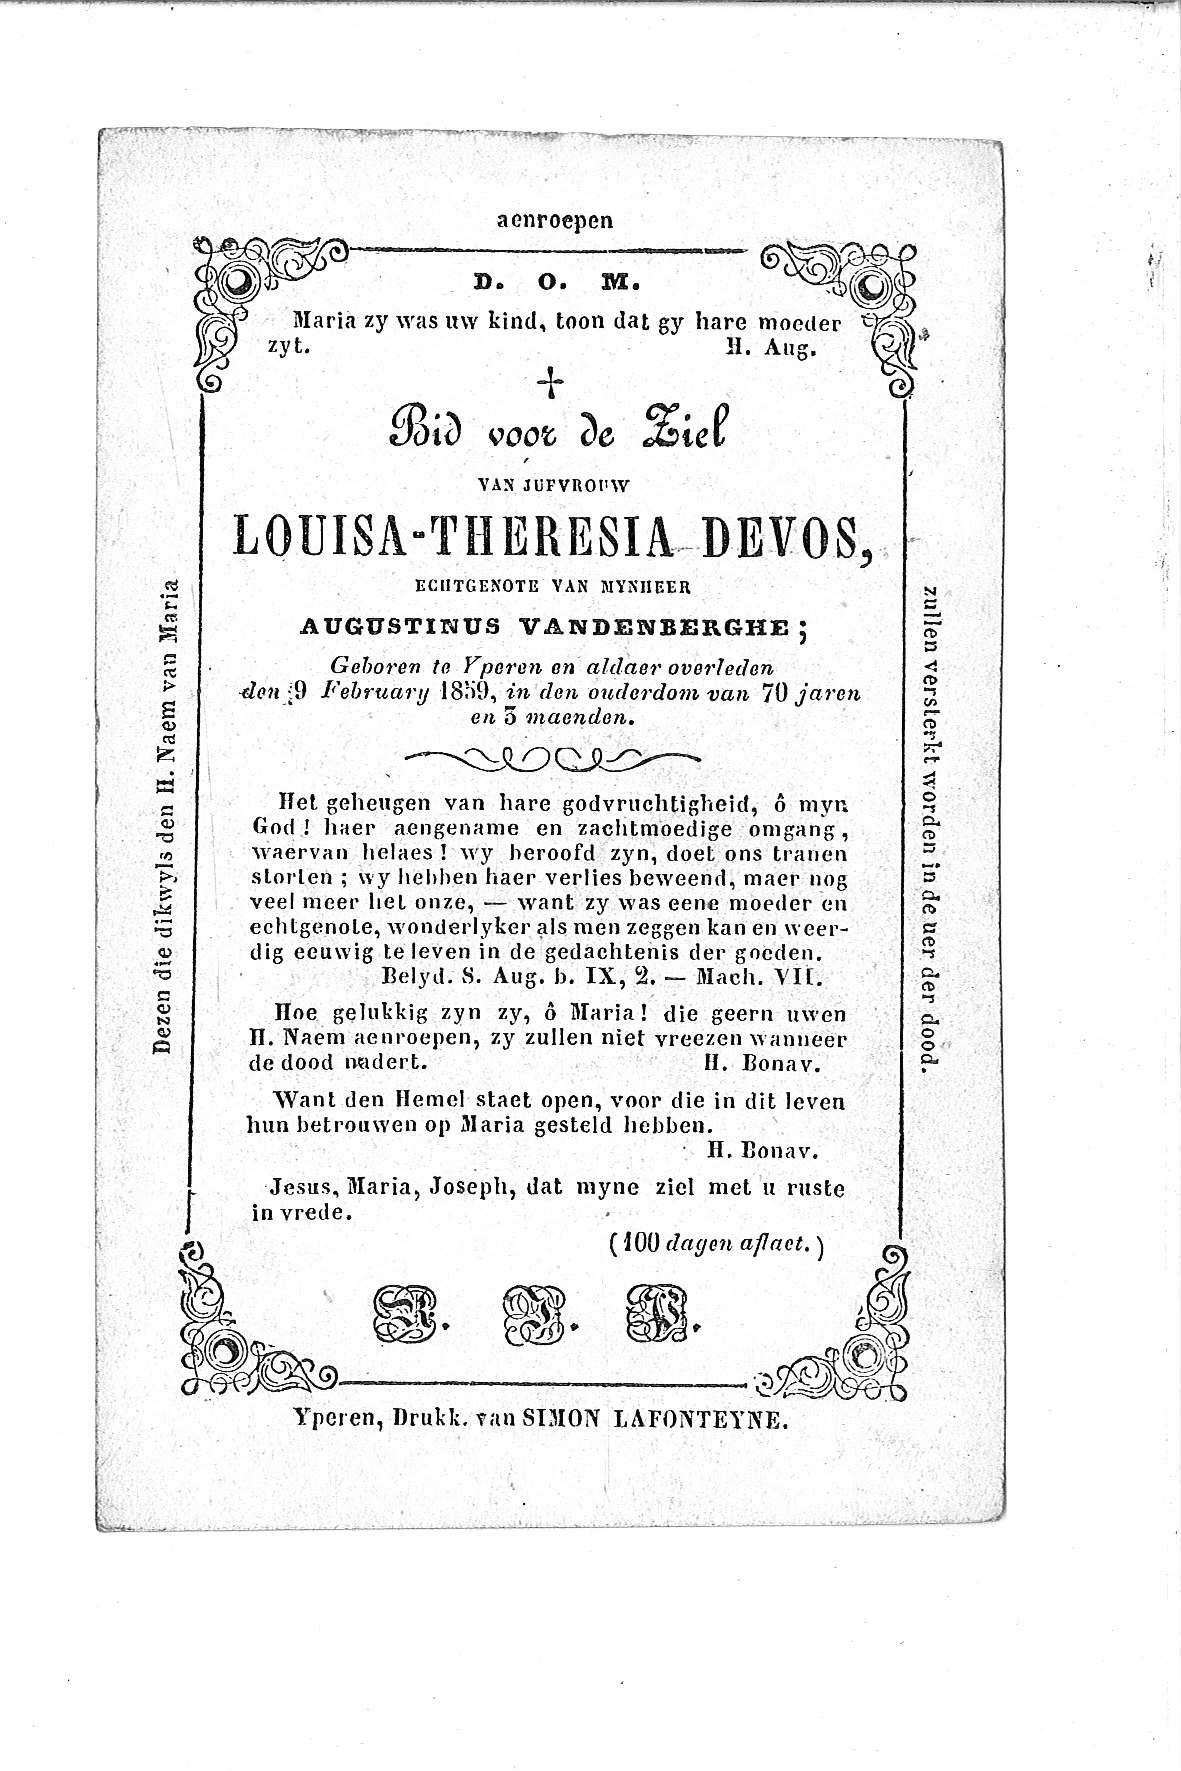 Louisa-Theresia (1859) 20120228155553_00092.jpg